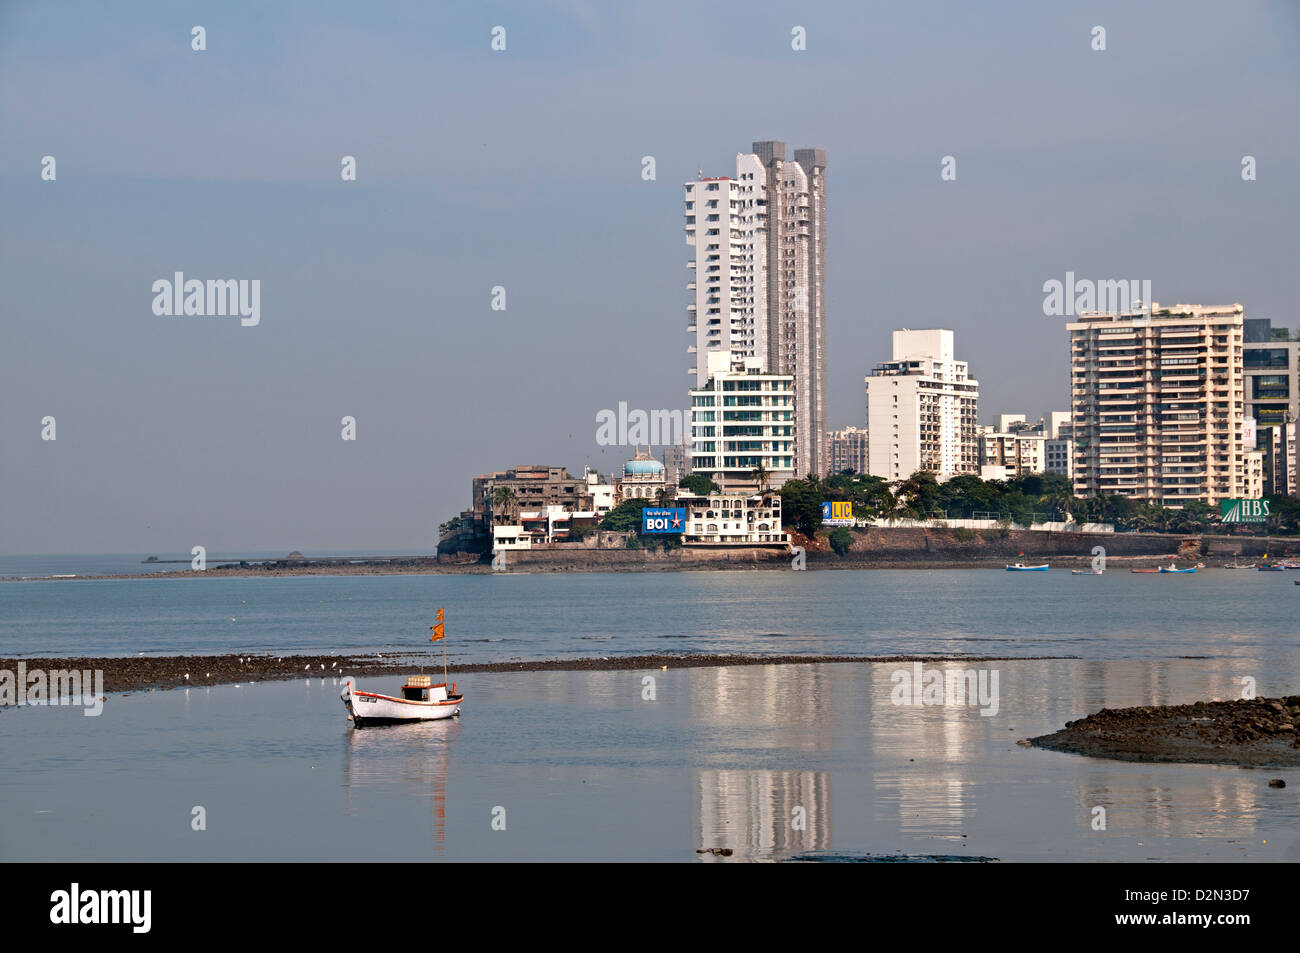 Die Vororte Bandra Mumbai (Bombay) Indien Bucht moderne Architektur gegenüber der Haji Ali Mosque Stockbild